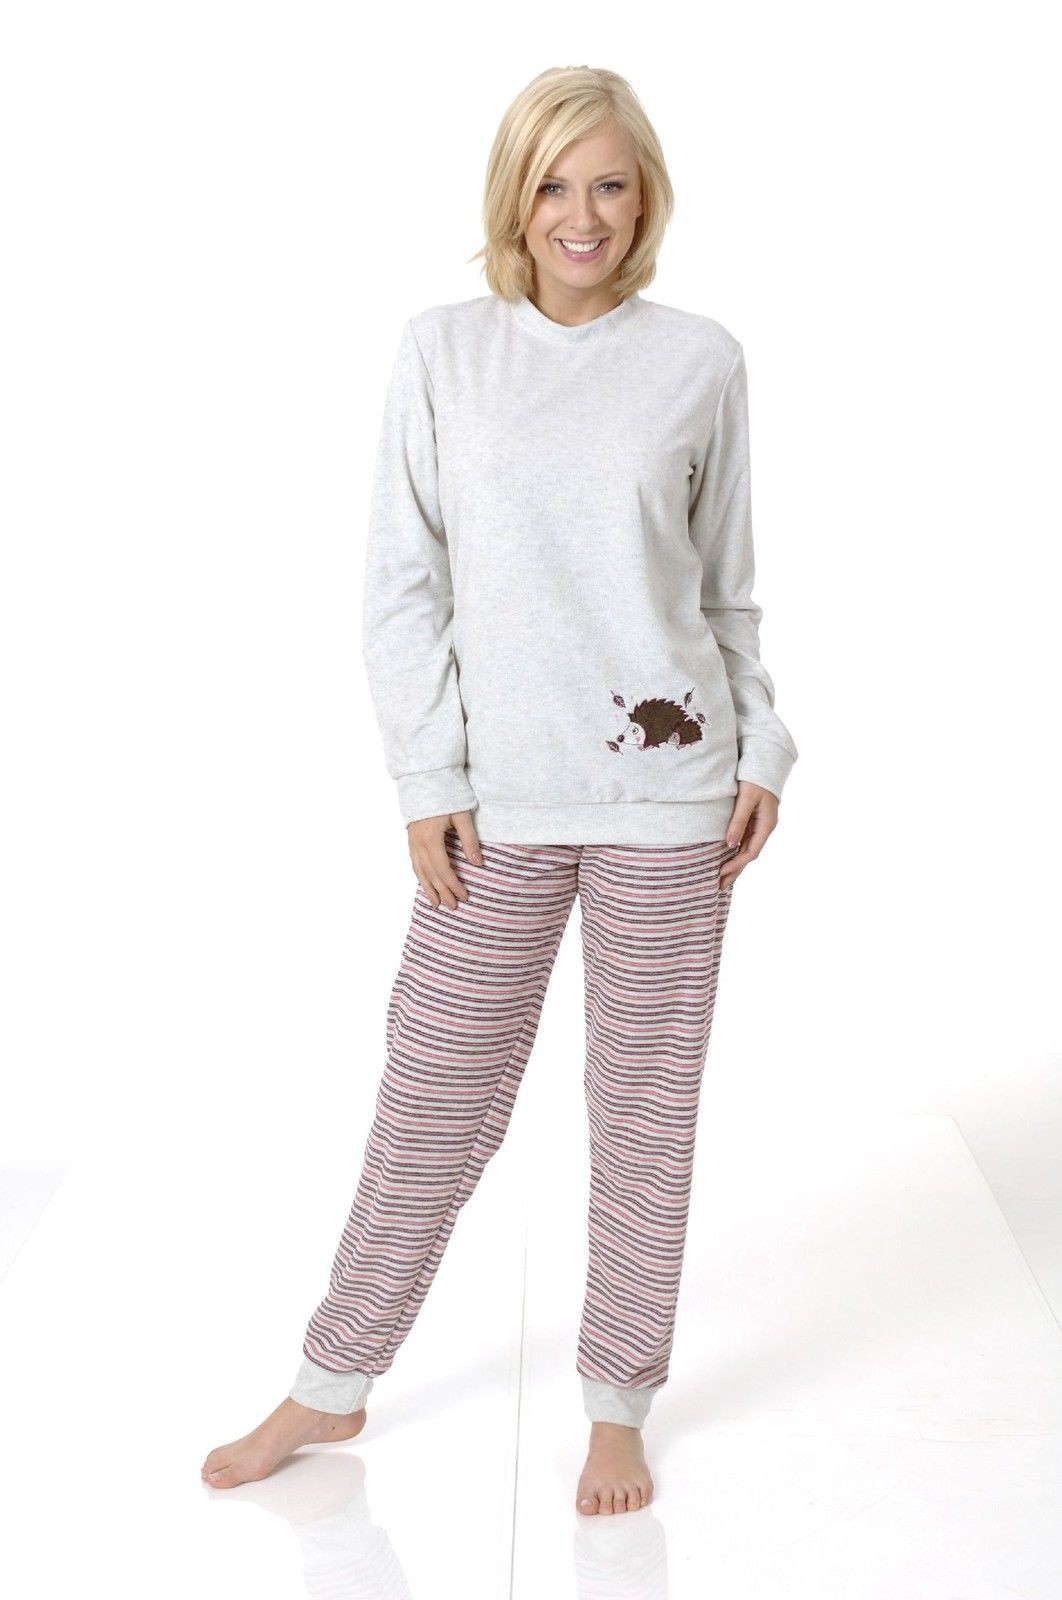 normann damen frottee pyjama schlafanzug mit b ndchen 422920. Black Bedroom Furniture Sets. Home Design Ideas